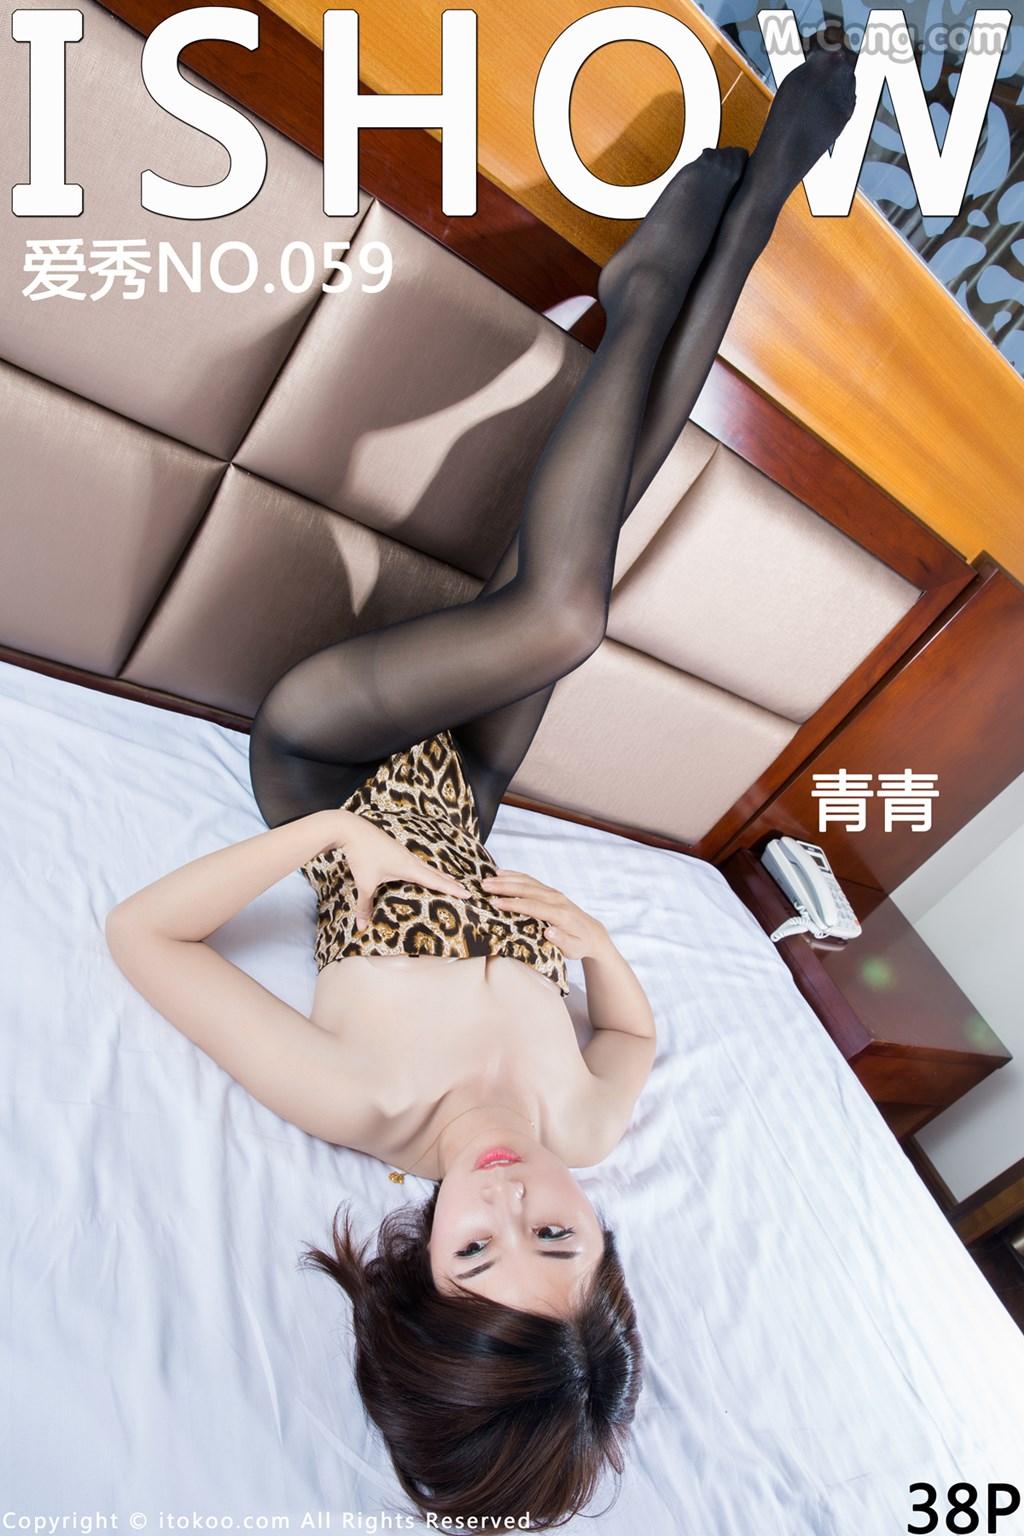 ISHOW No.059: Người mẫu Qing Qing (青青) (39 ảnh)